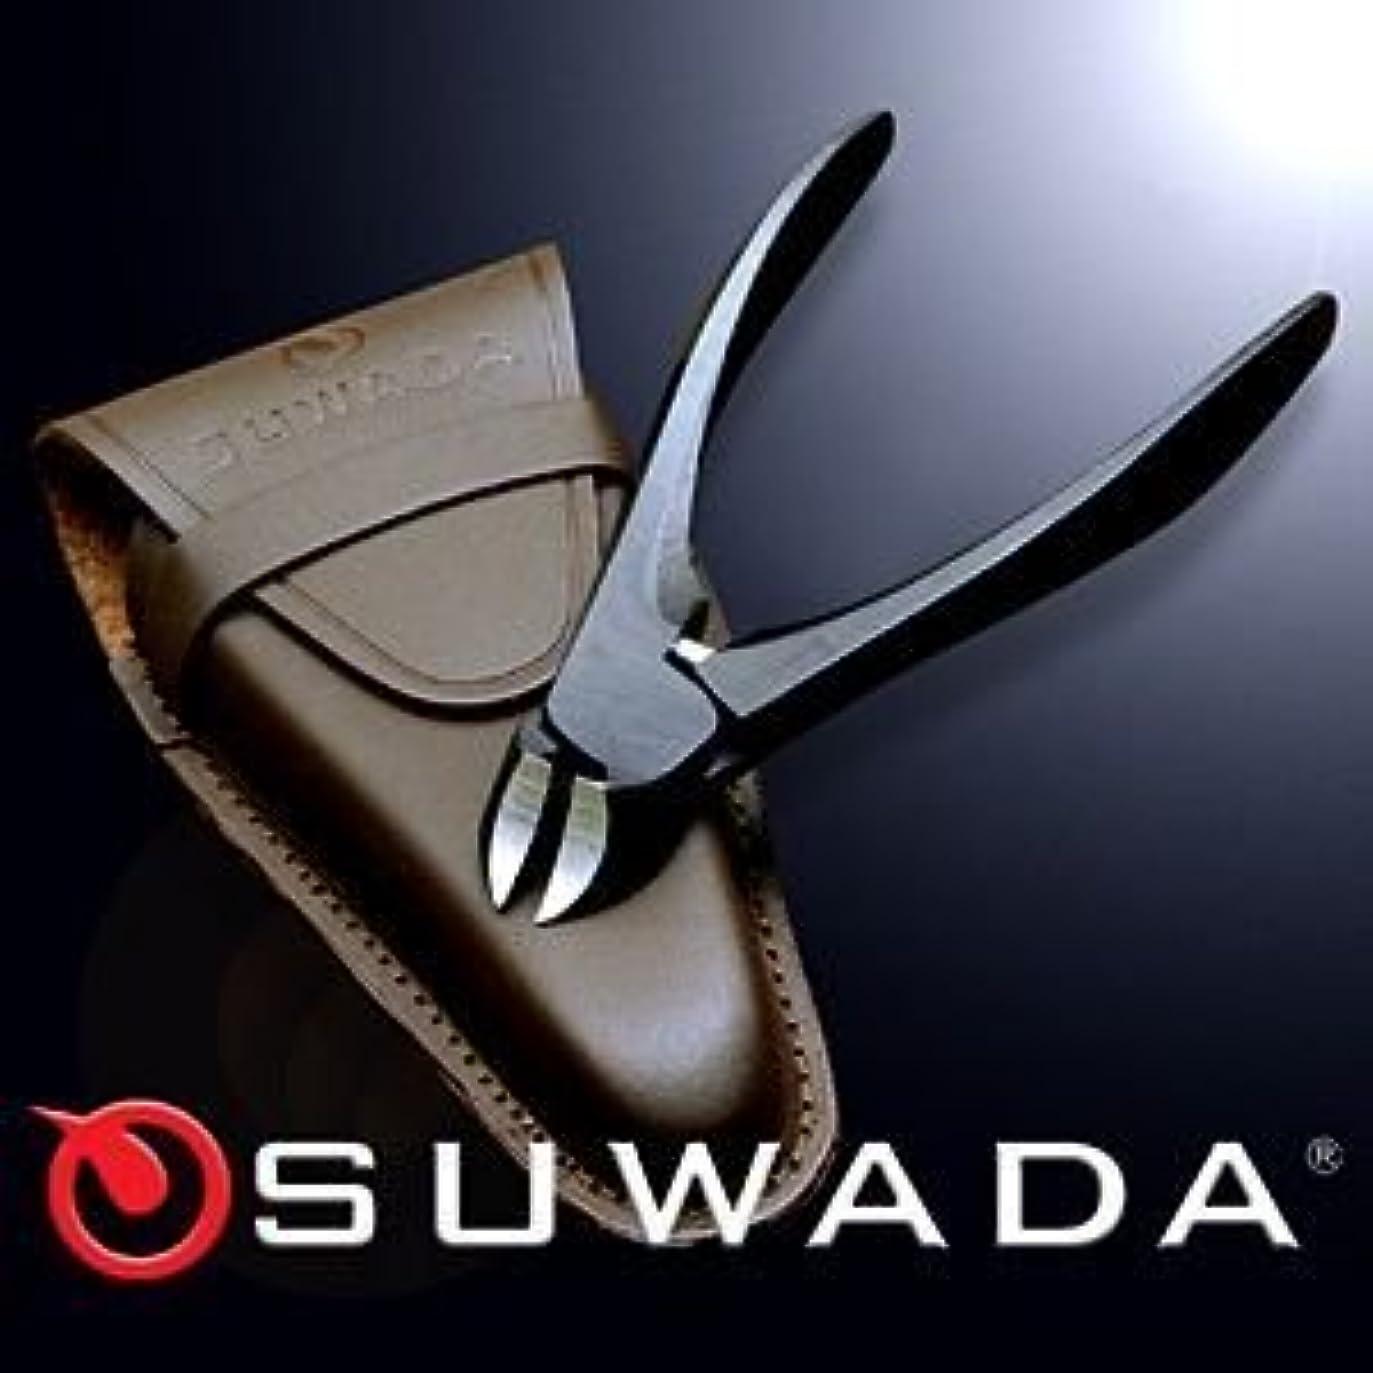 意見世界的に遅れSUWADA爪切りブラックL&革ケースセット 特注モデル 諏訪田製作所製 スワダの爪切り